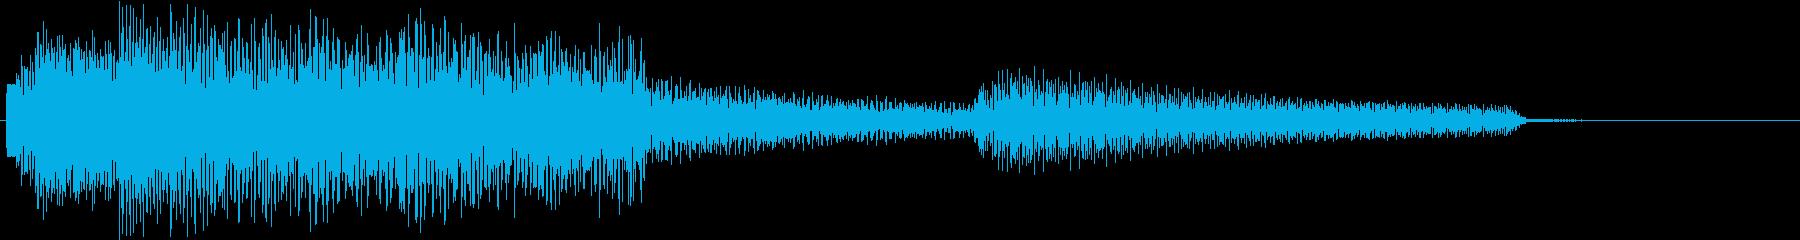 ジャジーでお洒落なエレピのジングルの再生済みの波形